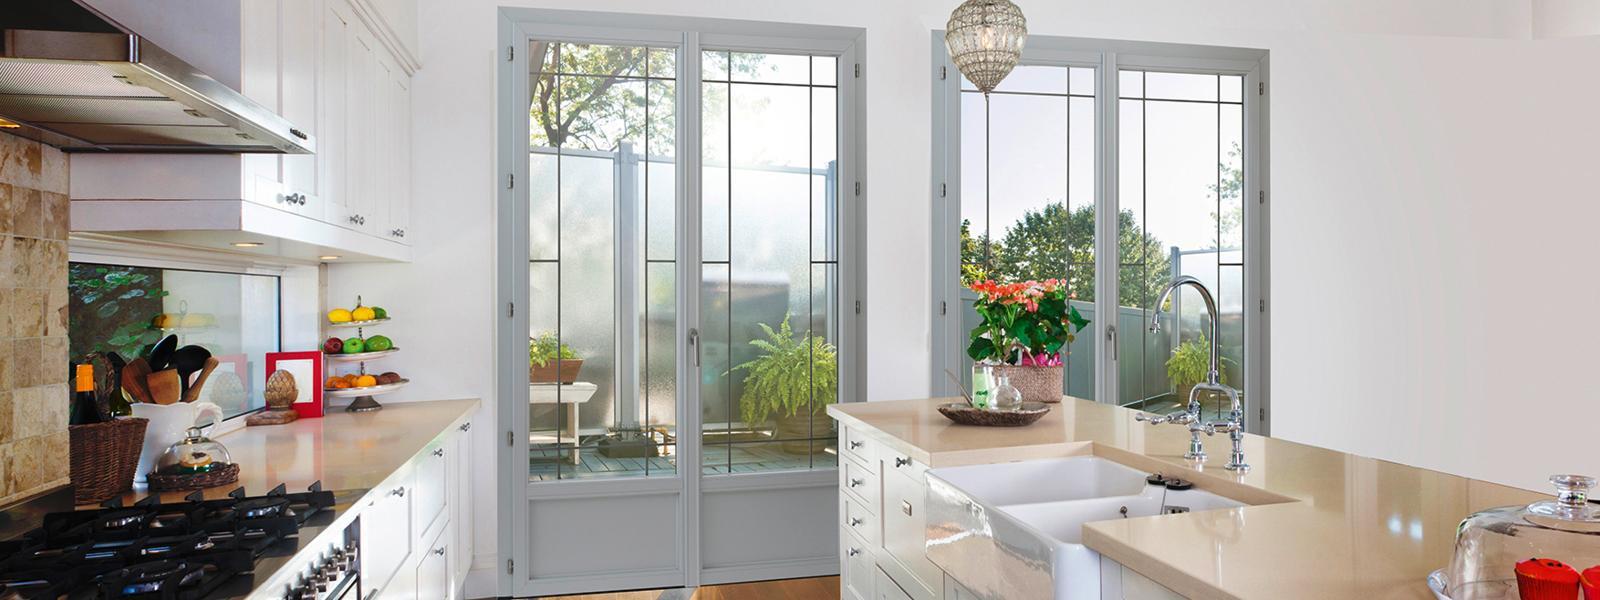 Porte-fenêtre composite - ouverture à la française - Weisz